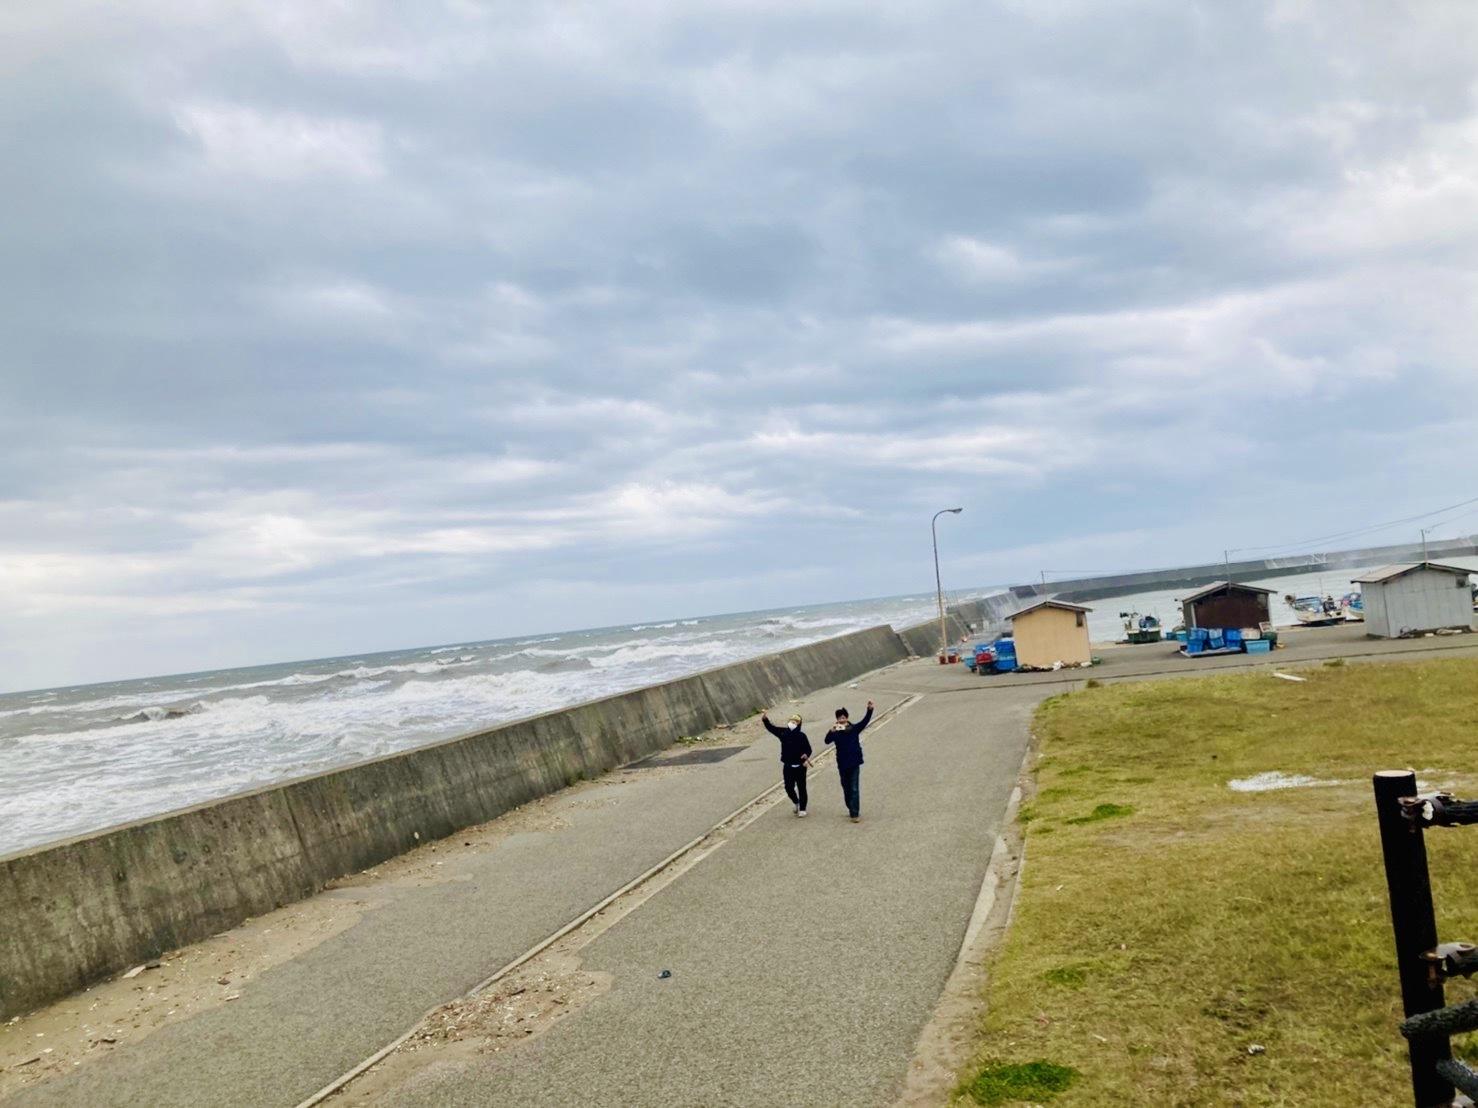 北陸新潟、新緑もりもりライブツアー【3】_e0071652_12264616.jpeg